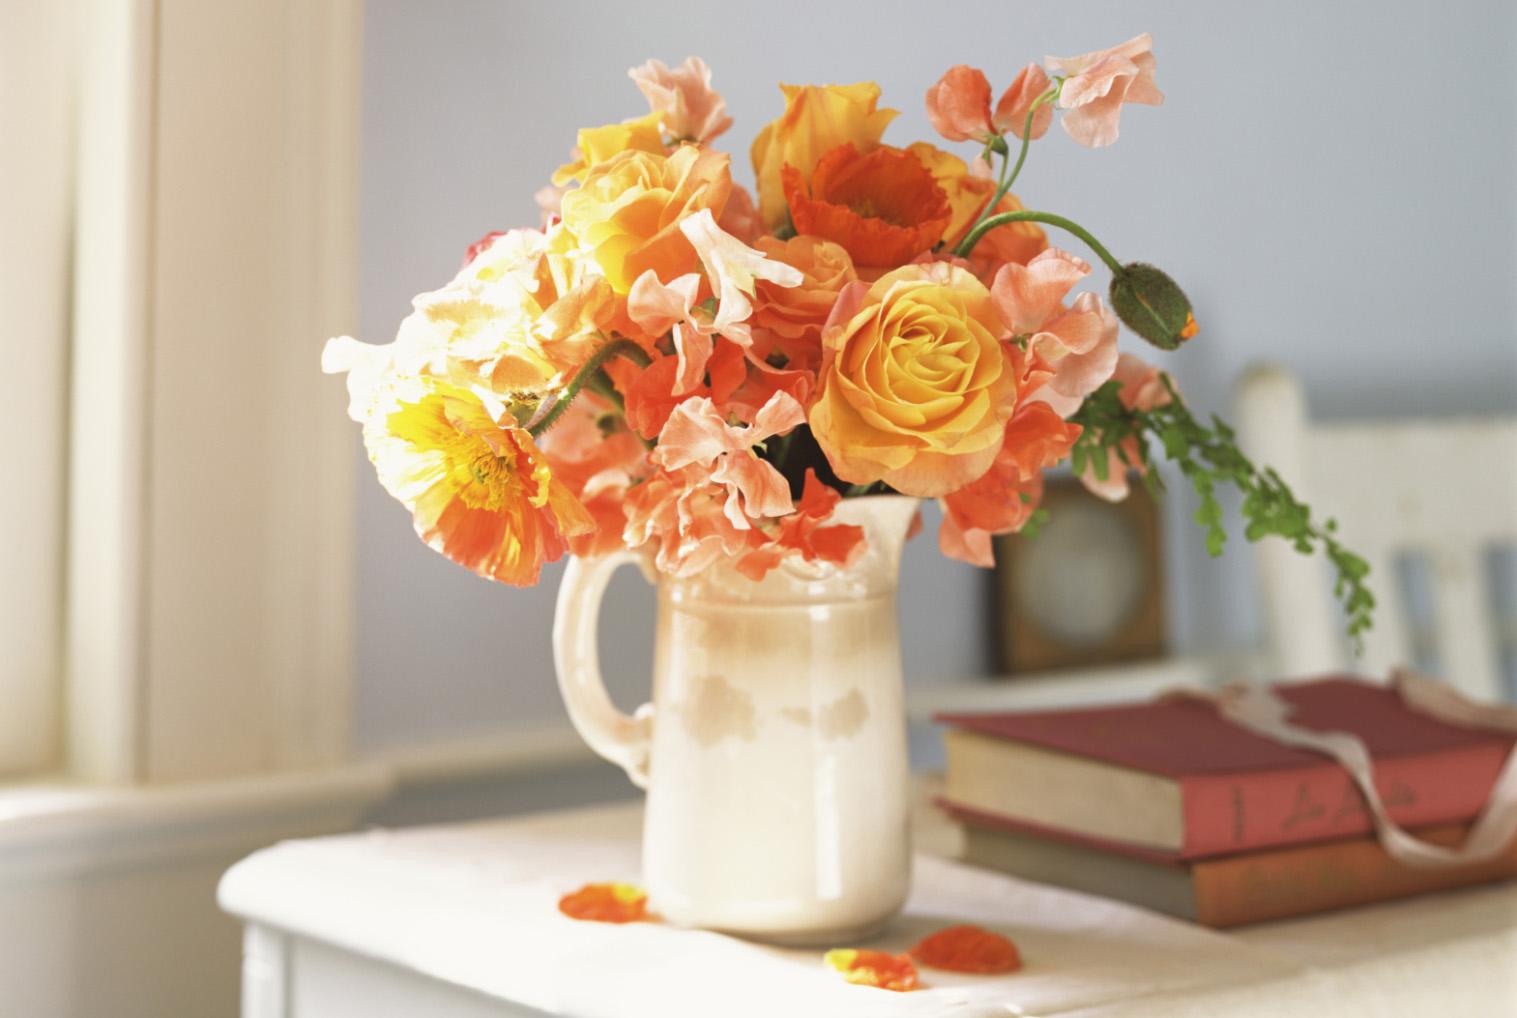 Homemade Floral Preservative Homemade Flower Food Diy Floral Preservative Recipe